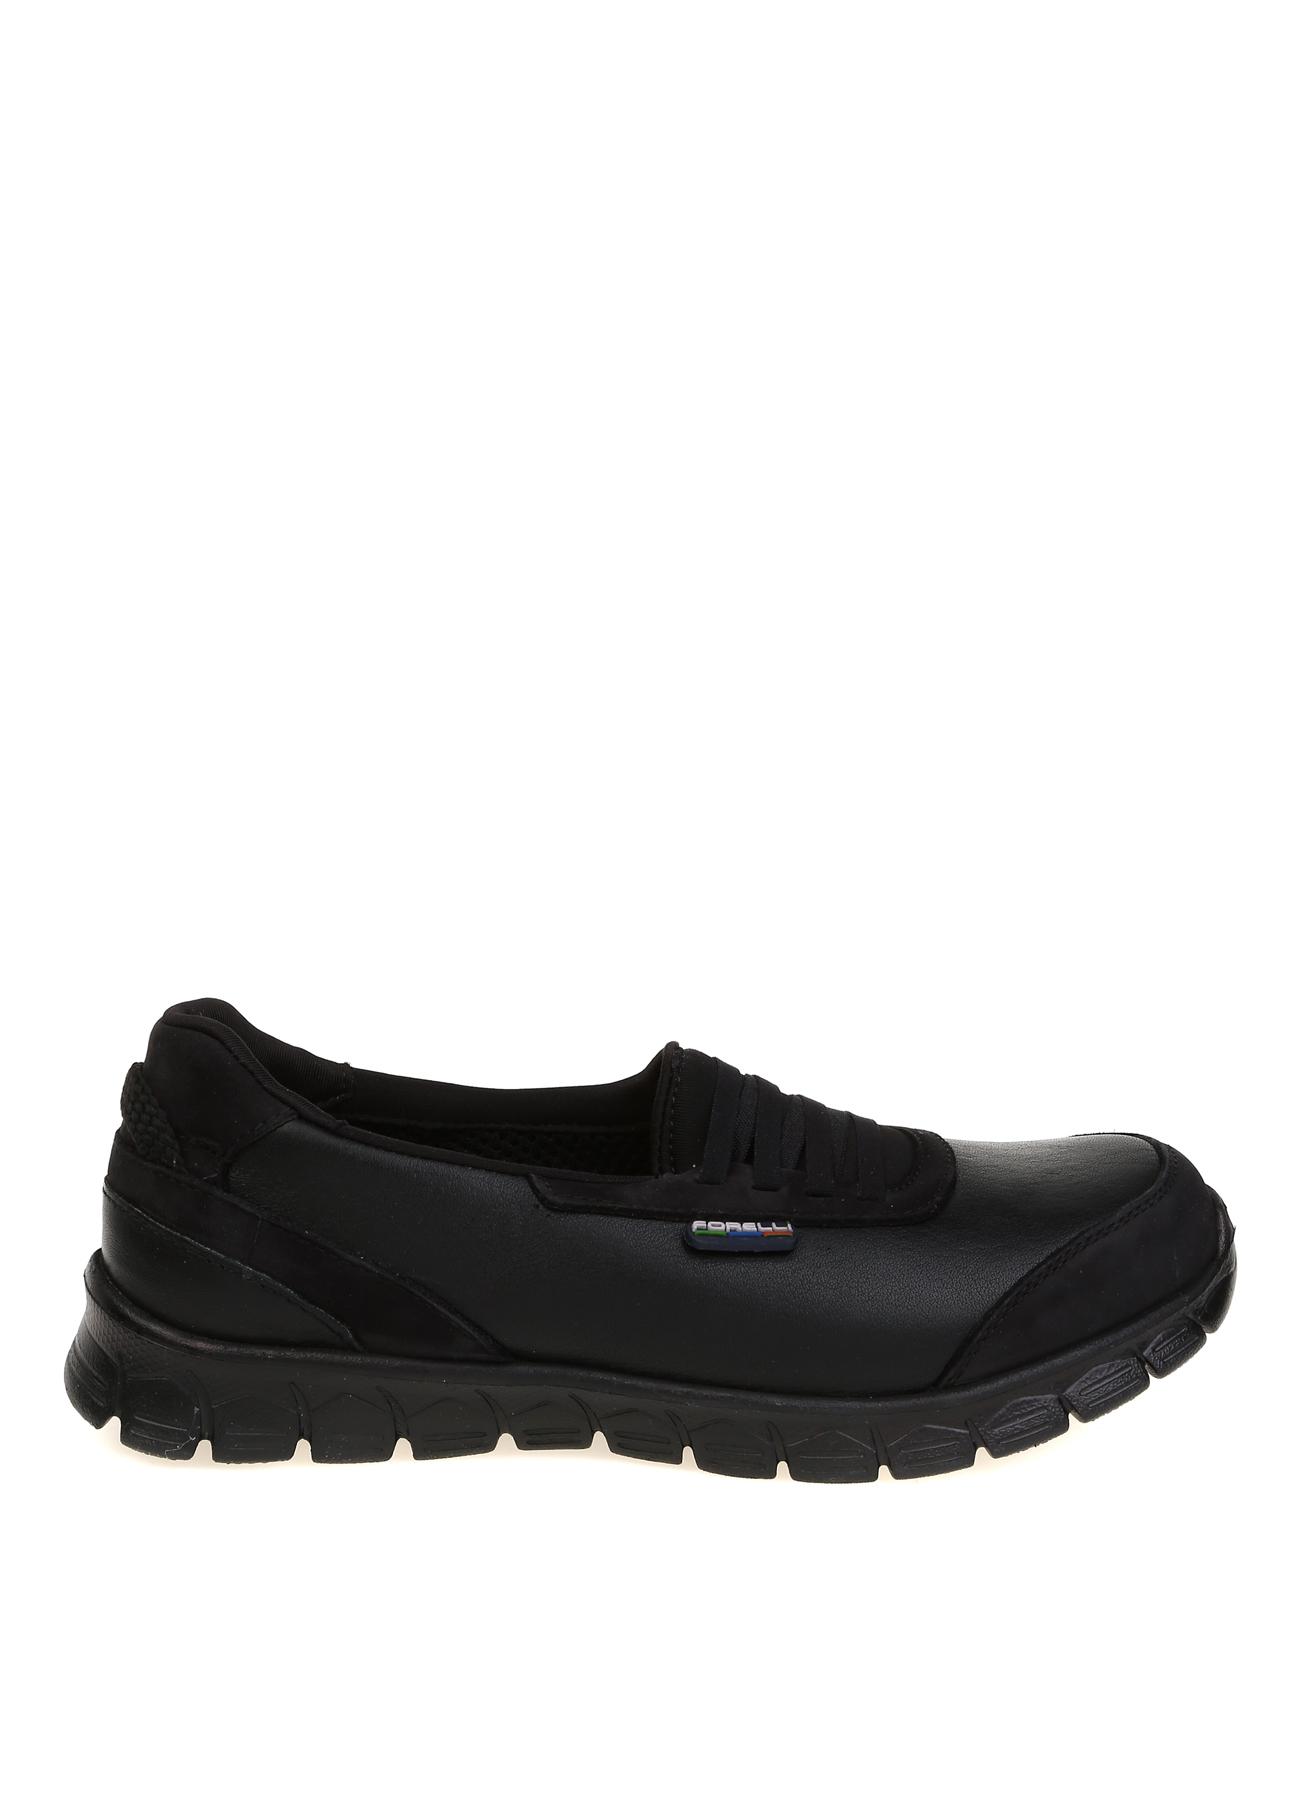 Forelli Deri Siyah Düz Ayakkabı 37 5001921039002 Ürün Resmi